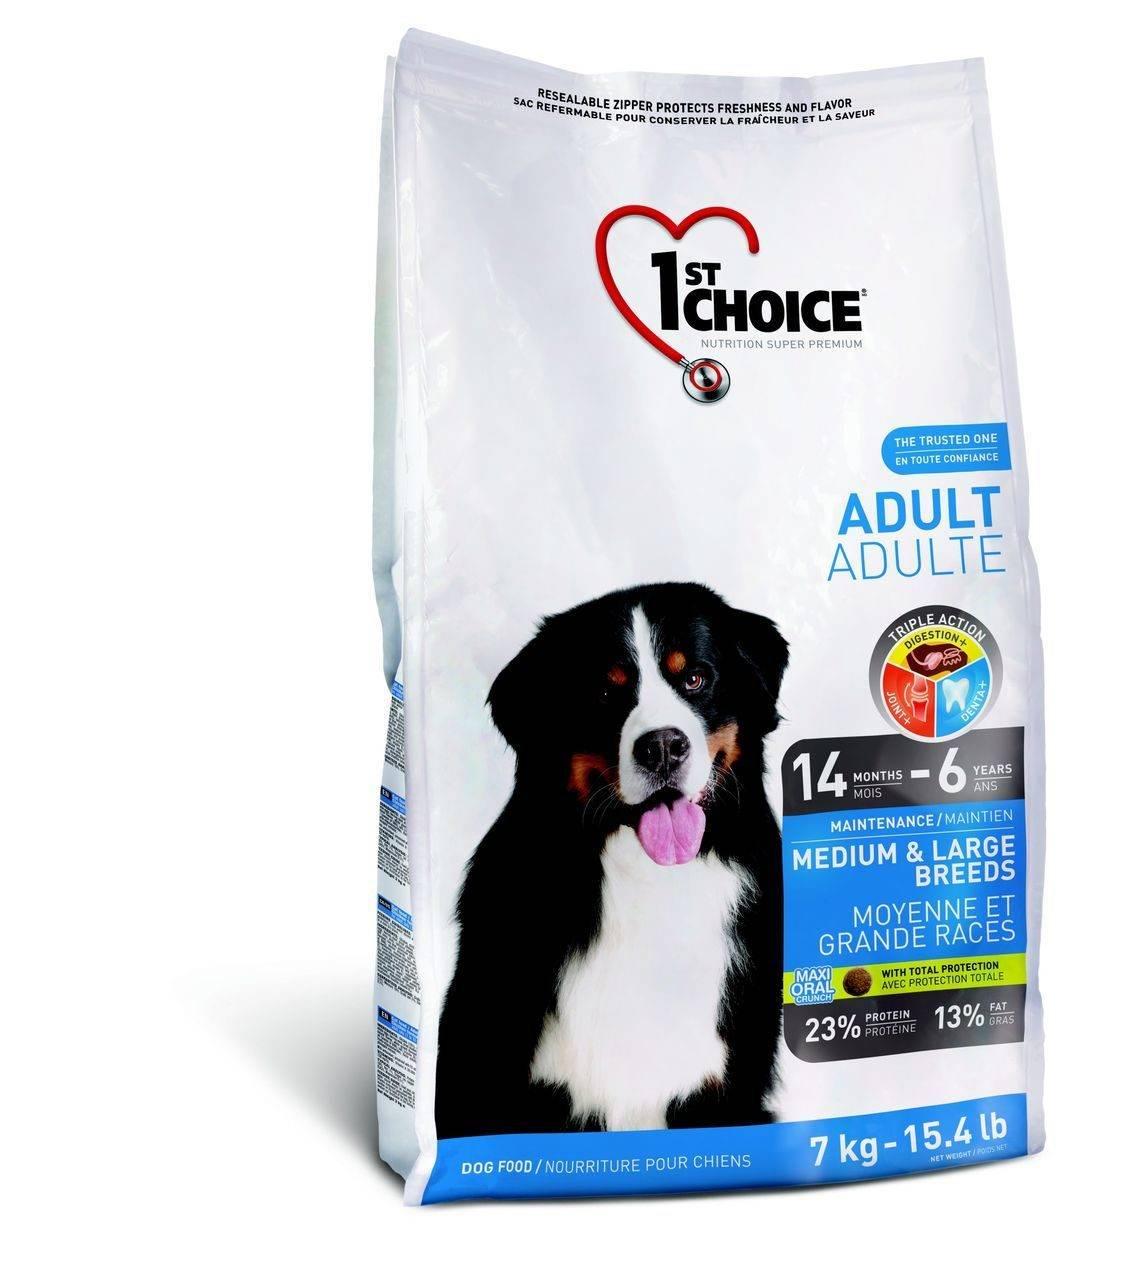 Корм 1st choice (фест чойс) для собак: отзывы, где купить, состав